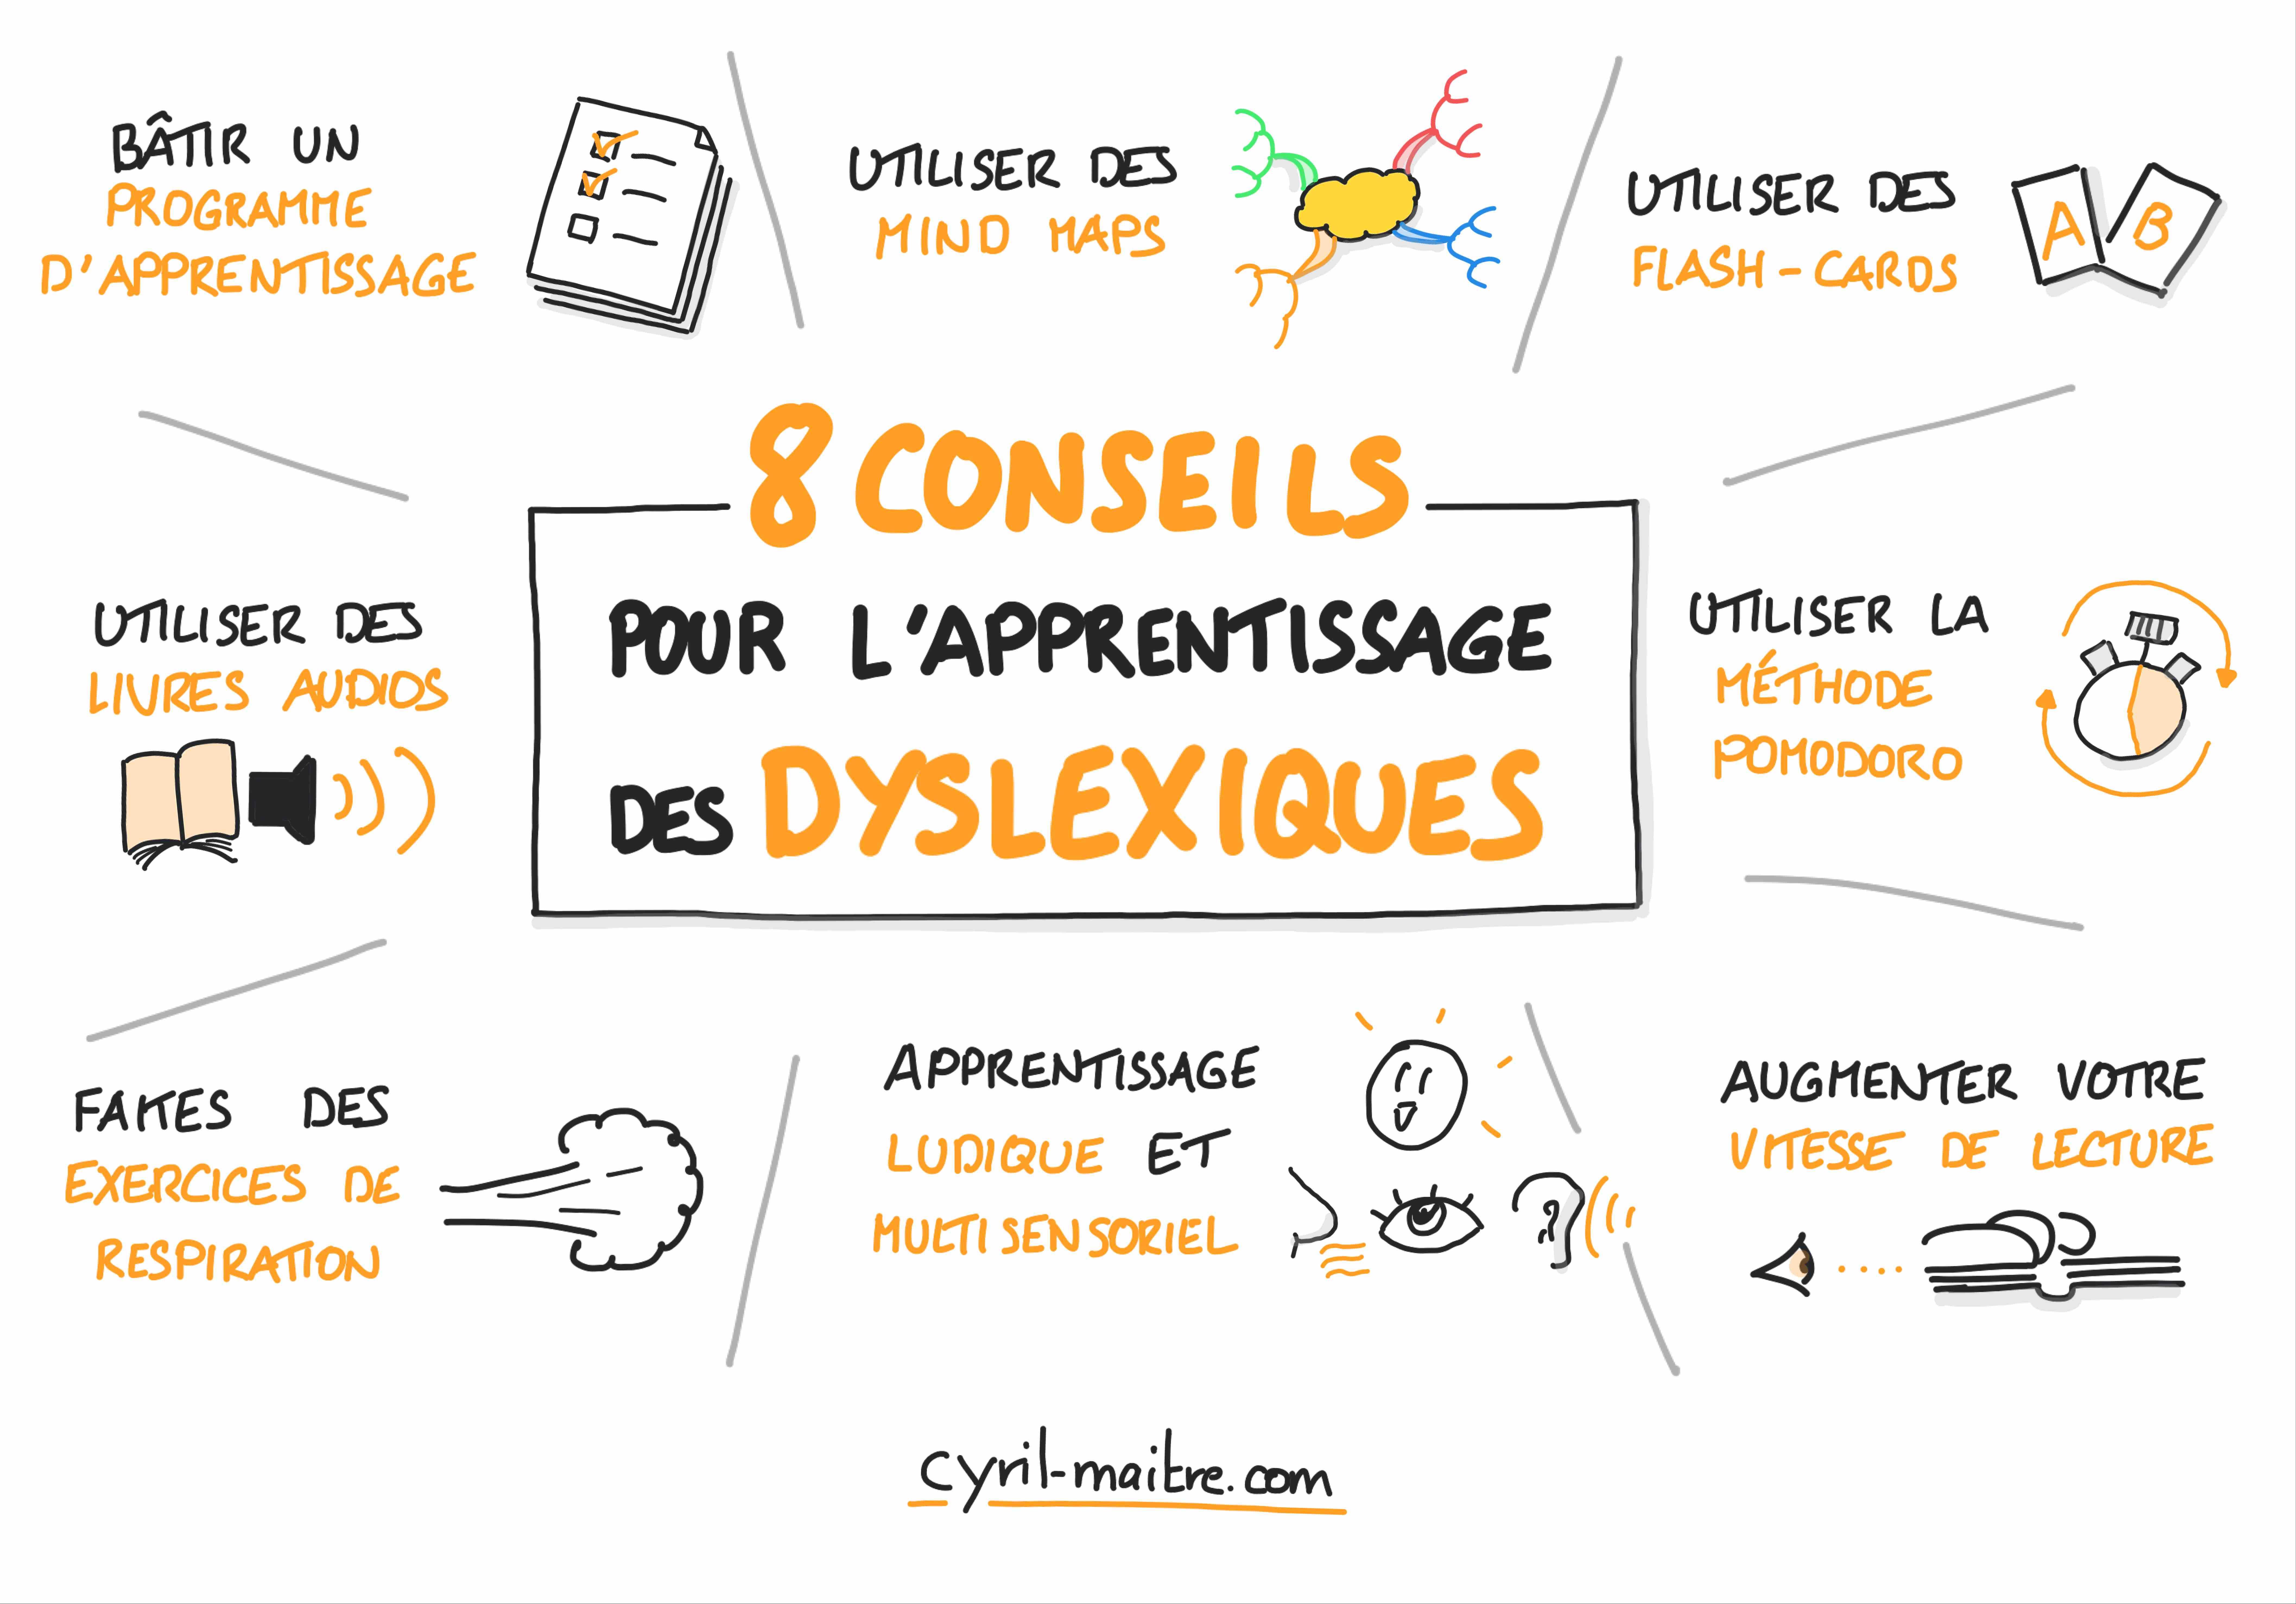 8 conseils pour l'apprentissage des dyslexiques